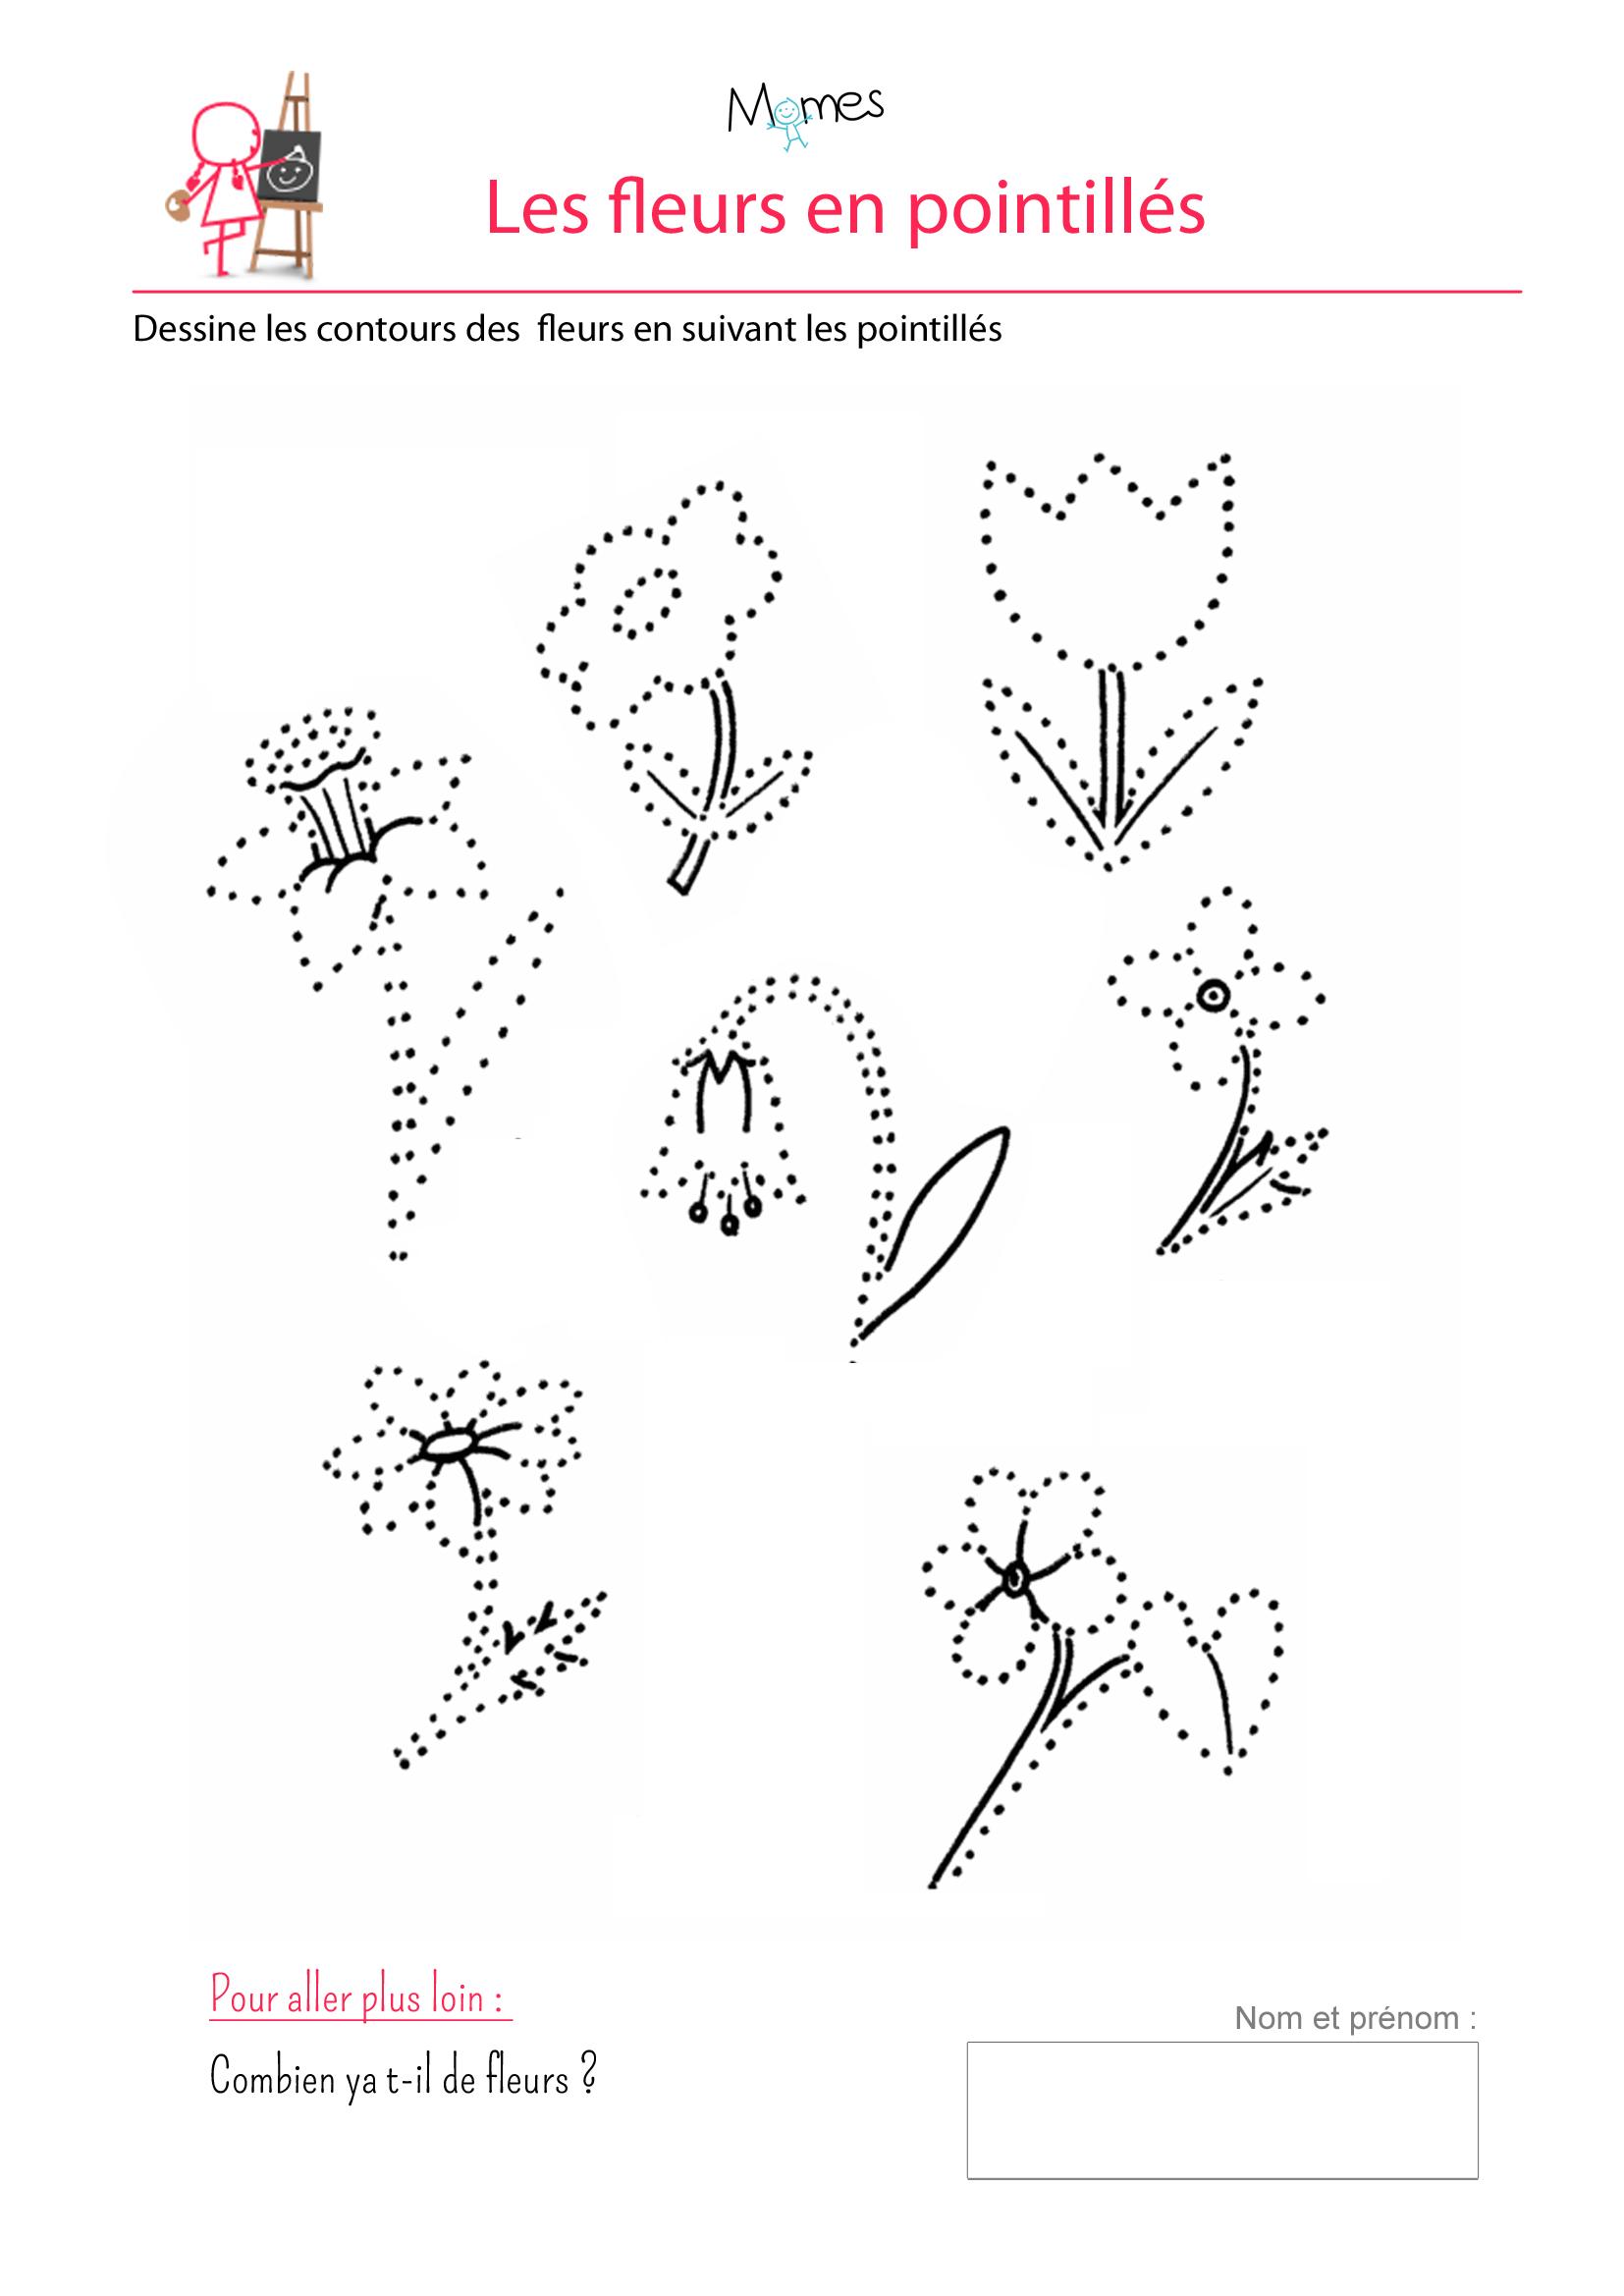 dessiner les contours des fleurs l 39 aide des pointill s. Black Bedroom Furniture Sets. Home Design Ideas